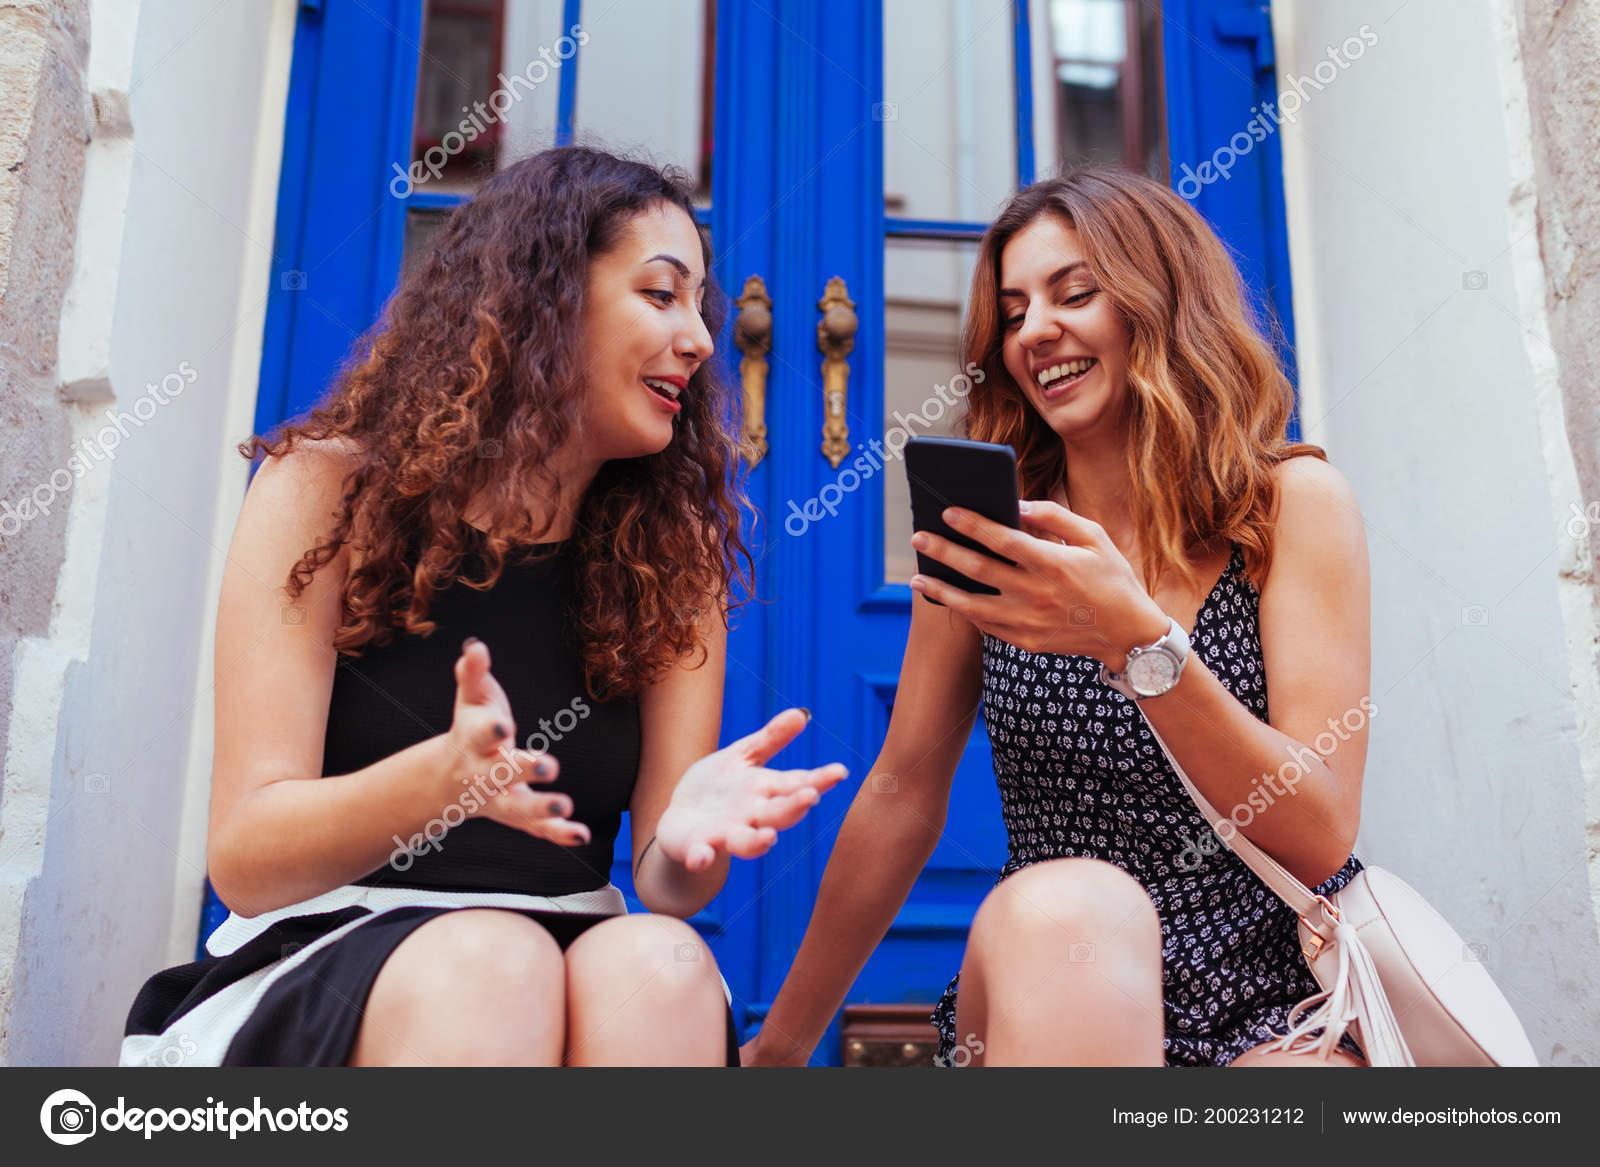 Две девушки лучшие подруги